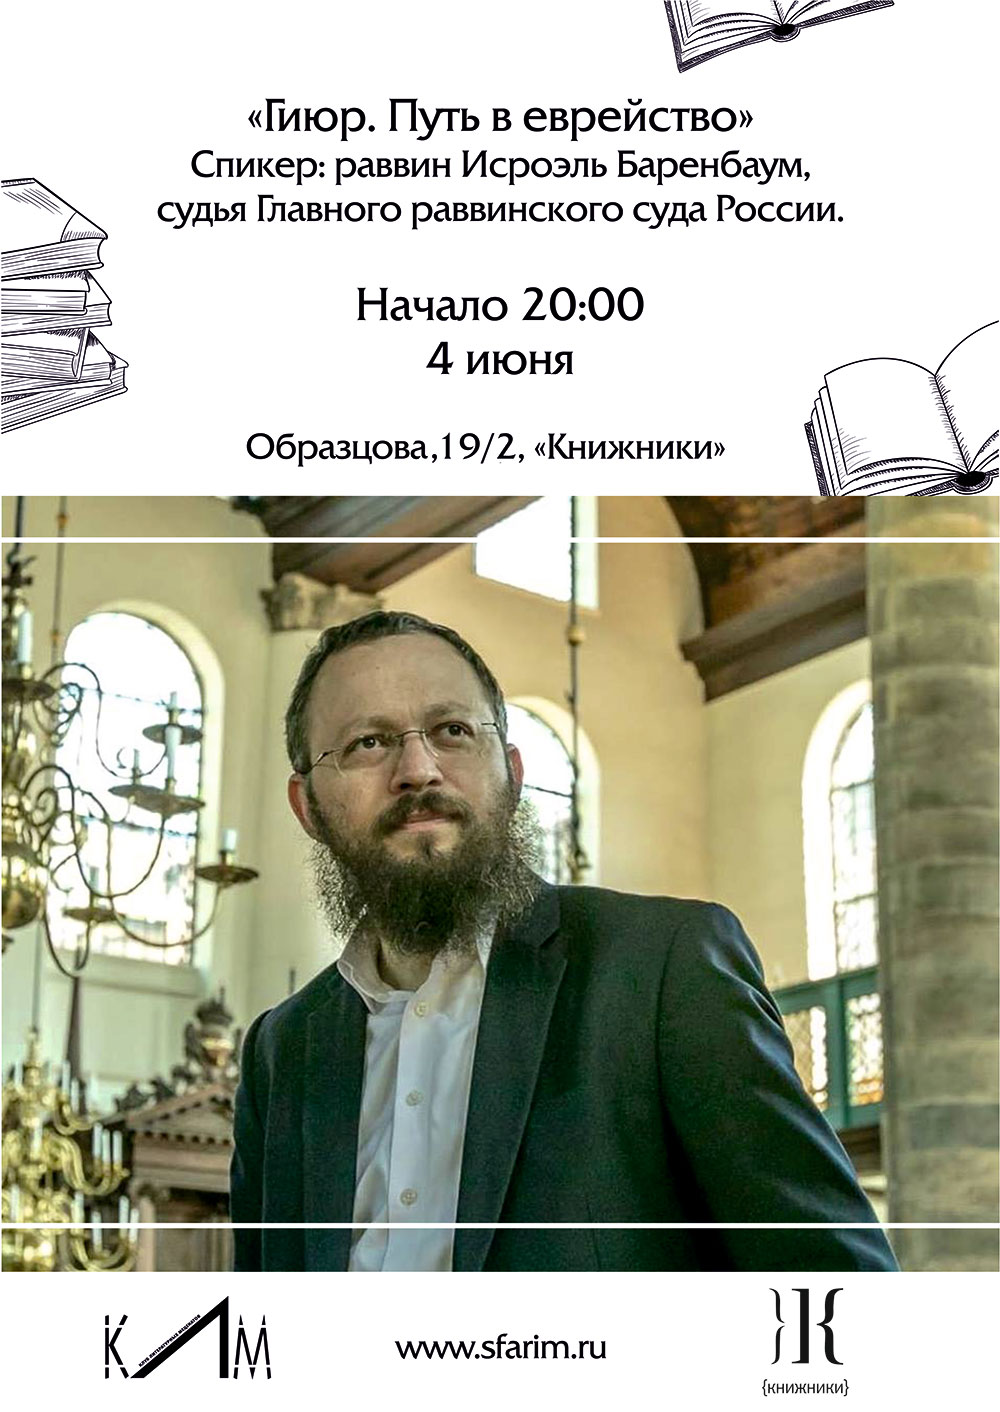 Гиюр. Путь в еврейство. Раввин Исроэль Баренбаум